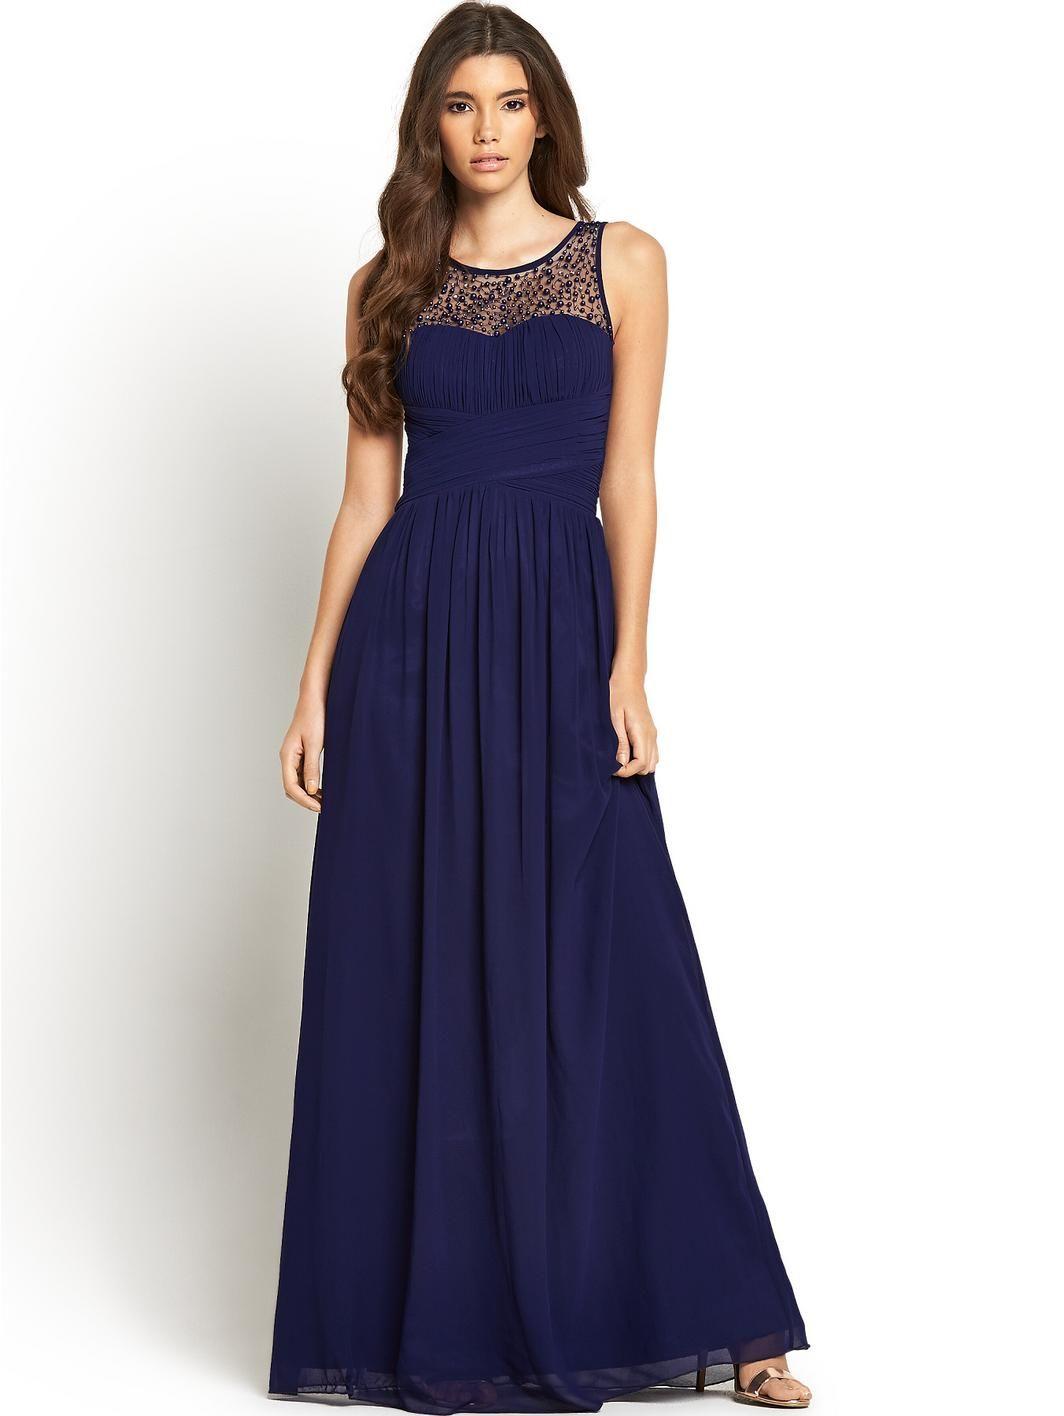 Embellished maxi dress maxi dresses dress designs and prom embellished maxi dress navy bridesmaid ombrellifo Images